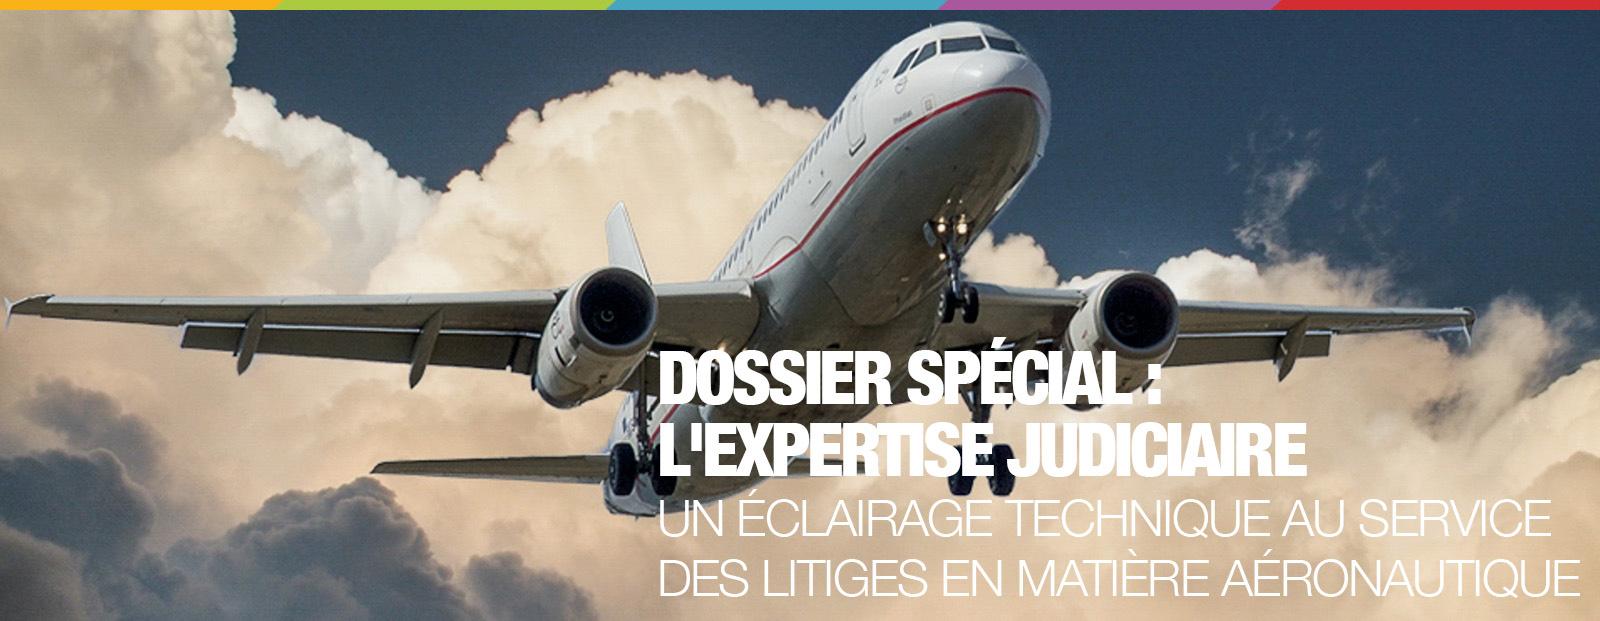 Banniere-Dossier-special-aeronotique